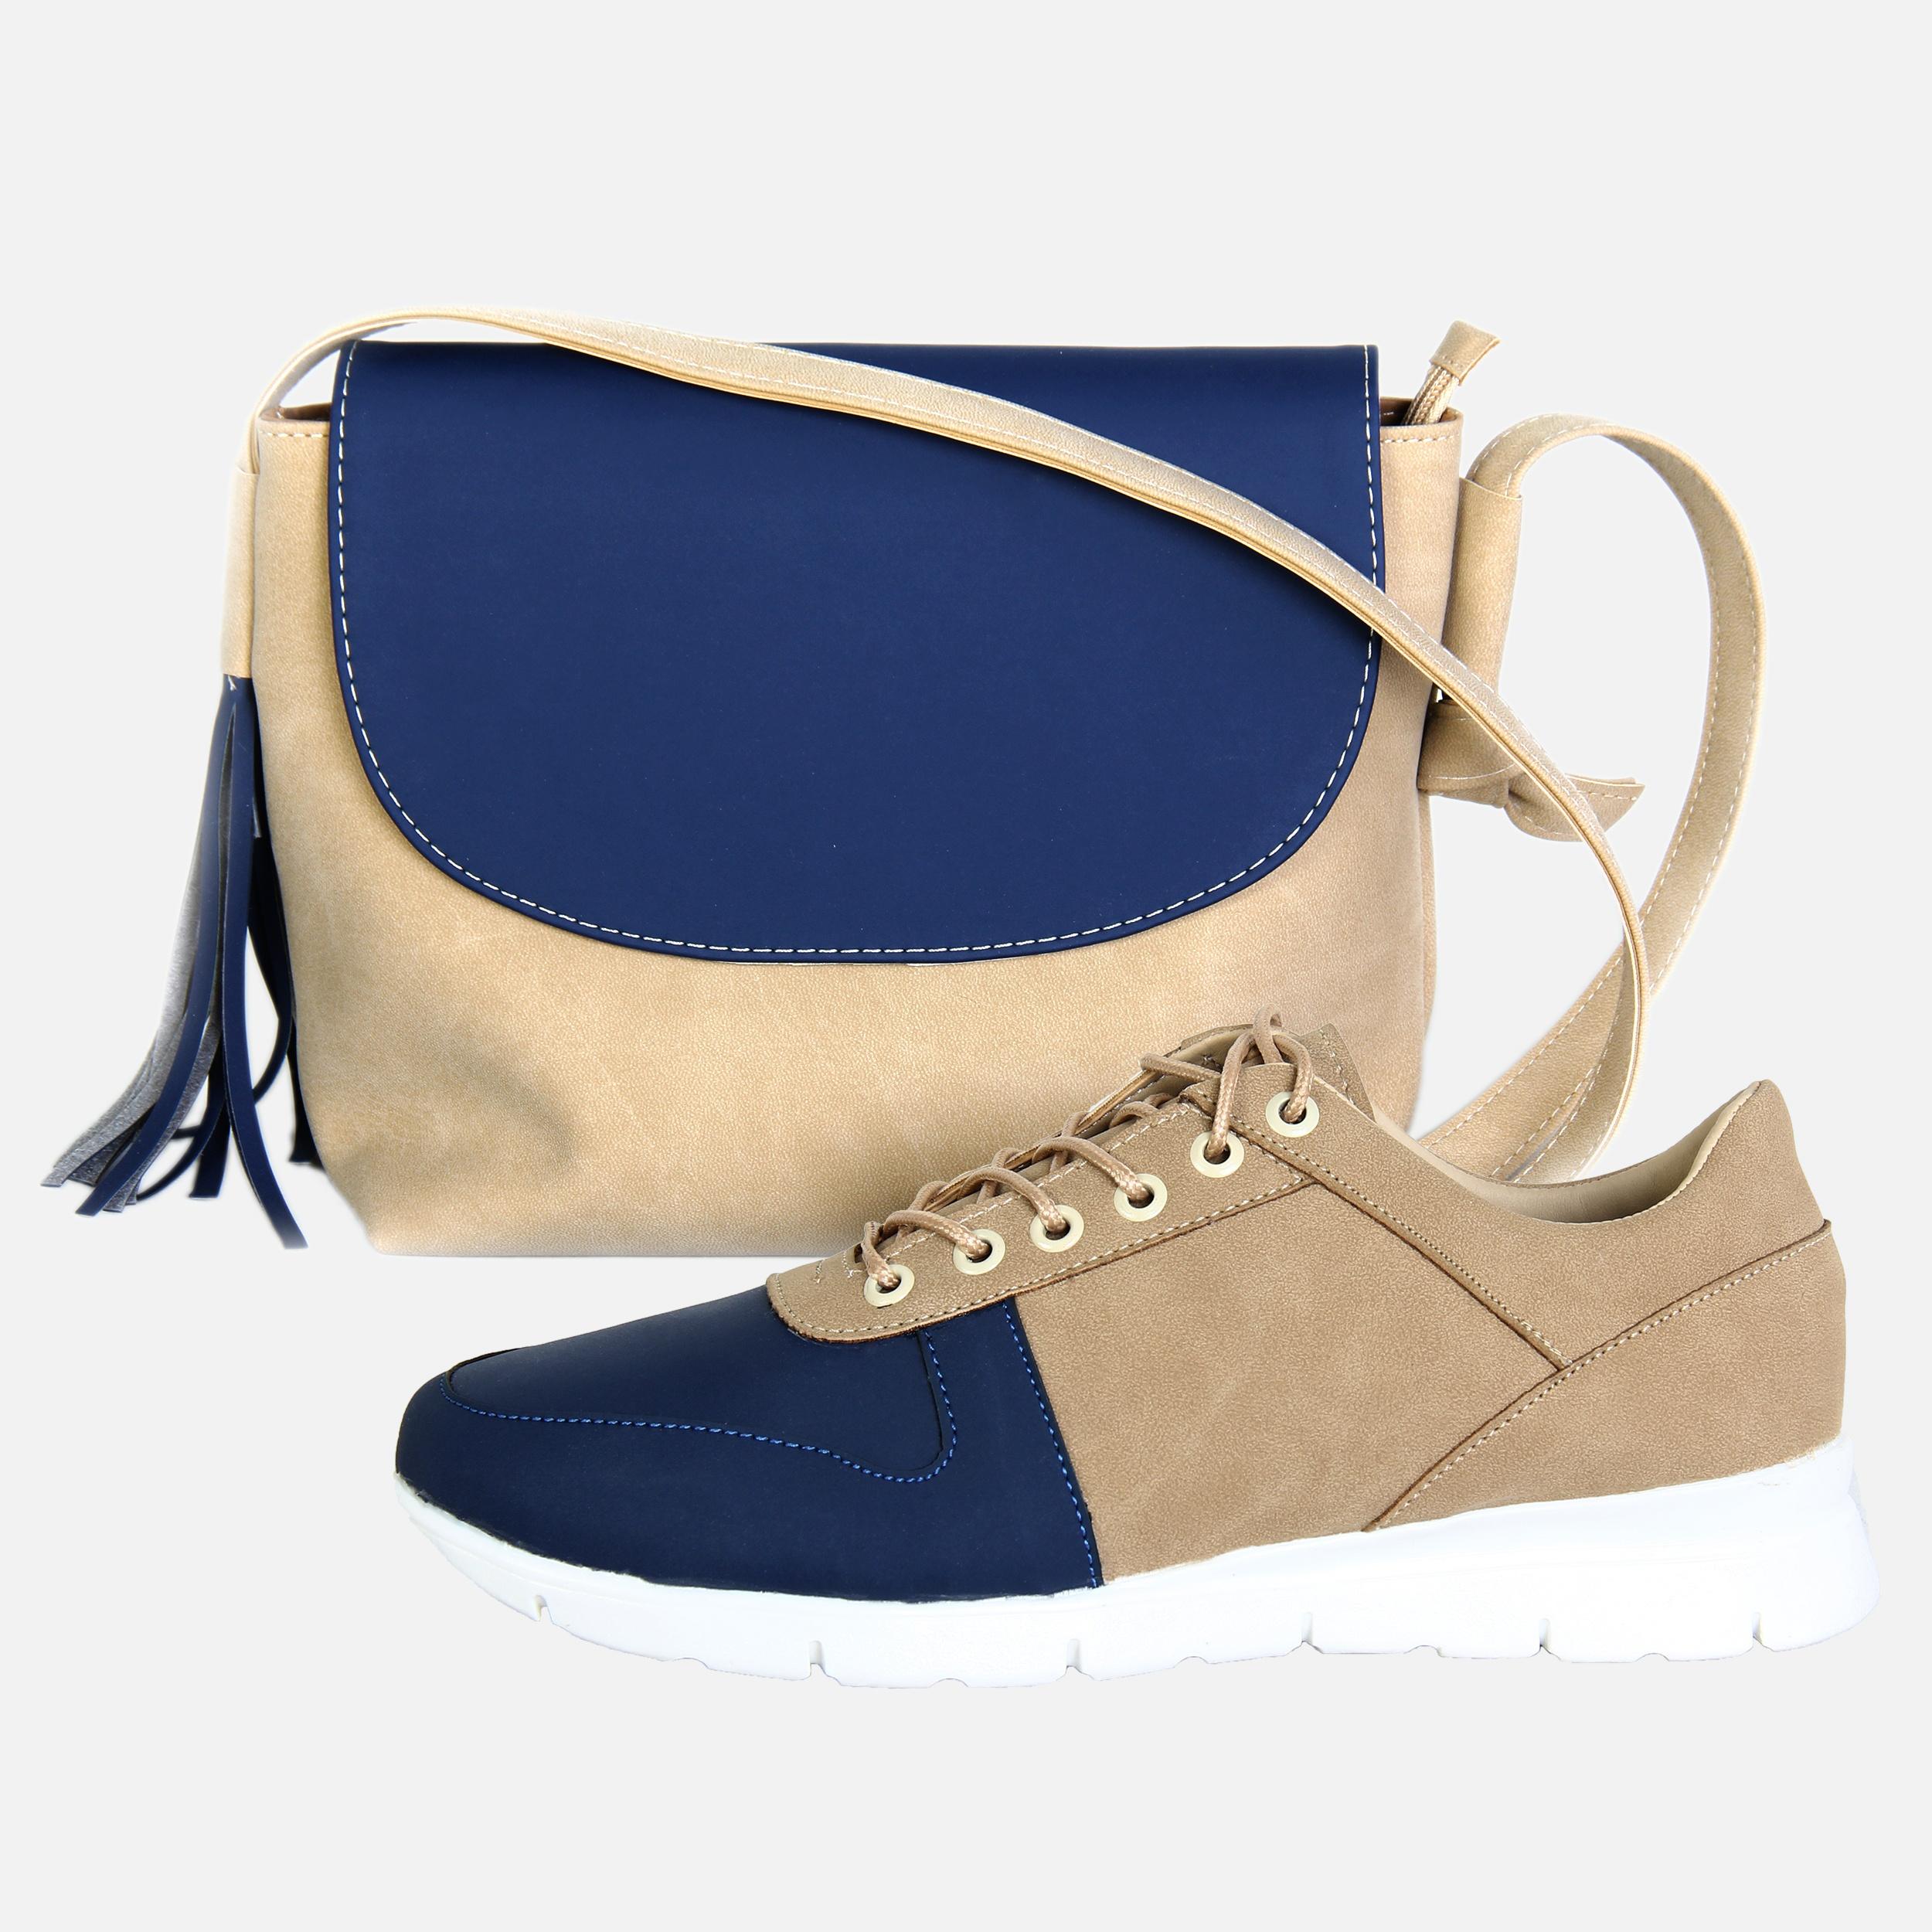 ست کیف و کفش زنانه کد 021